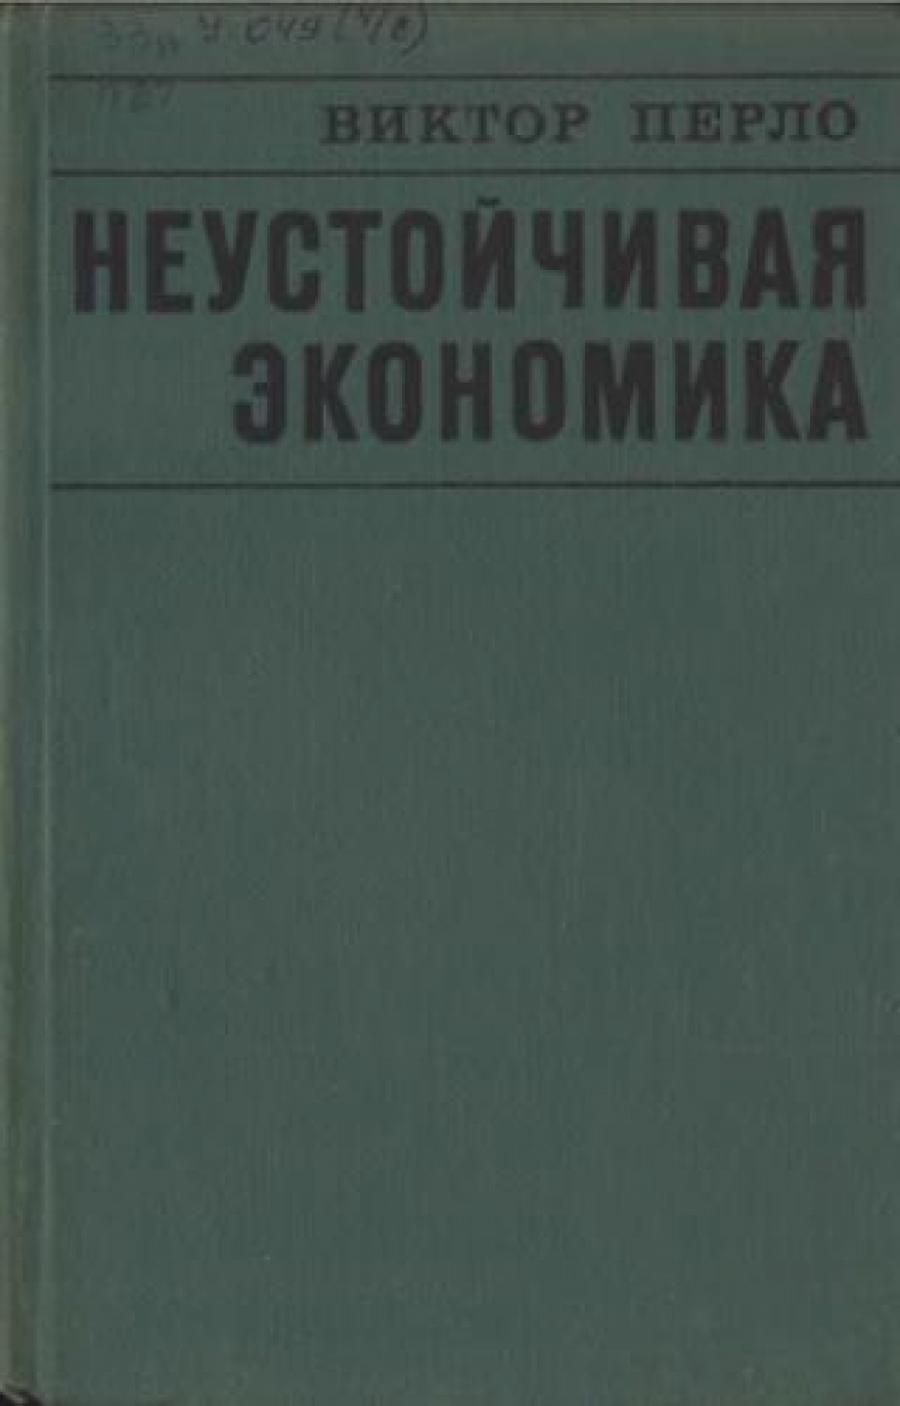 Обложка книги:  перло в. - неустойчивая экономика. (бумы и спады в экономике сша после 1945 г.)